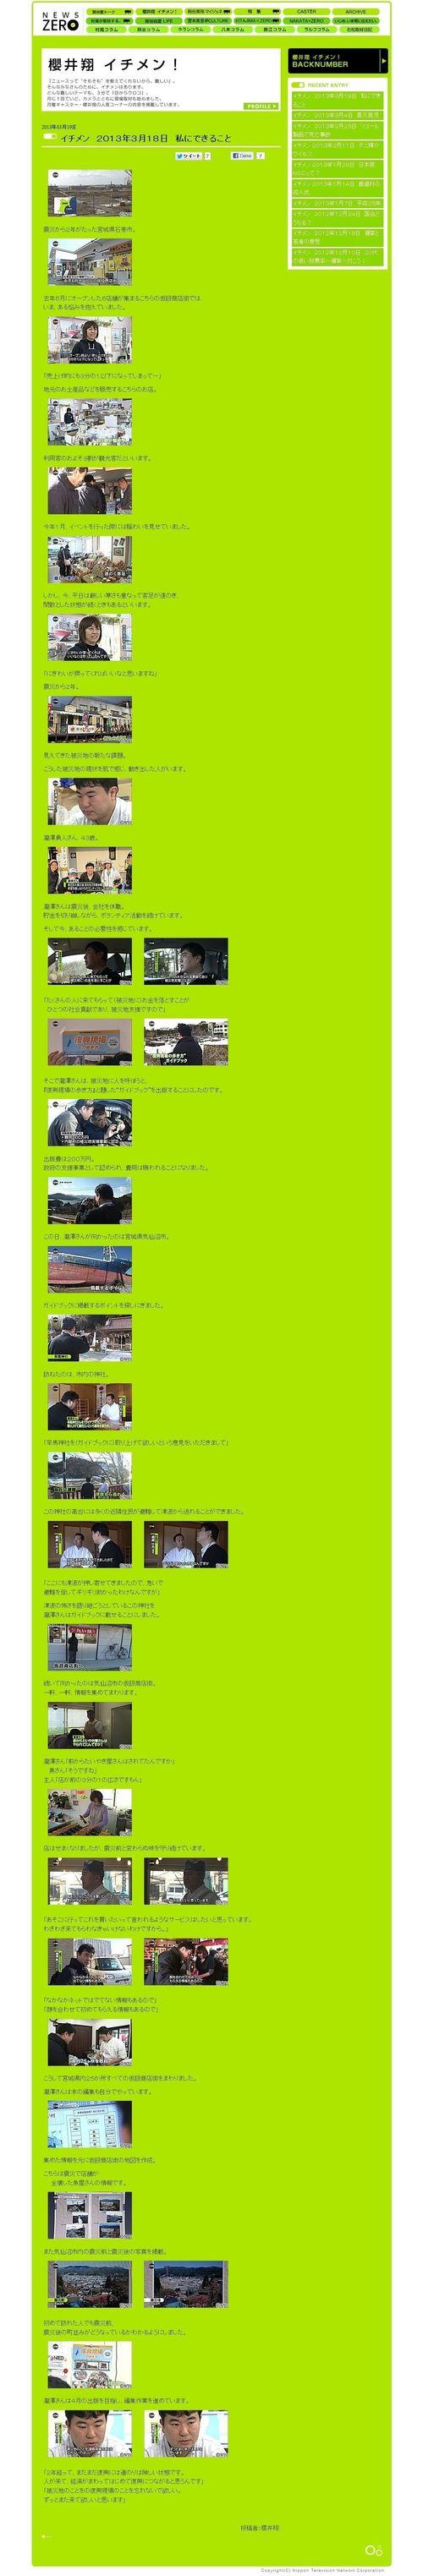 2013.03.18 NEWS ZERO 02